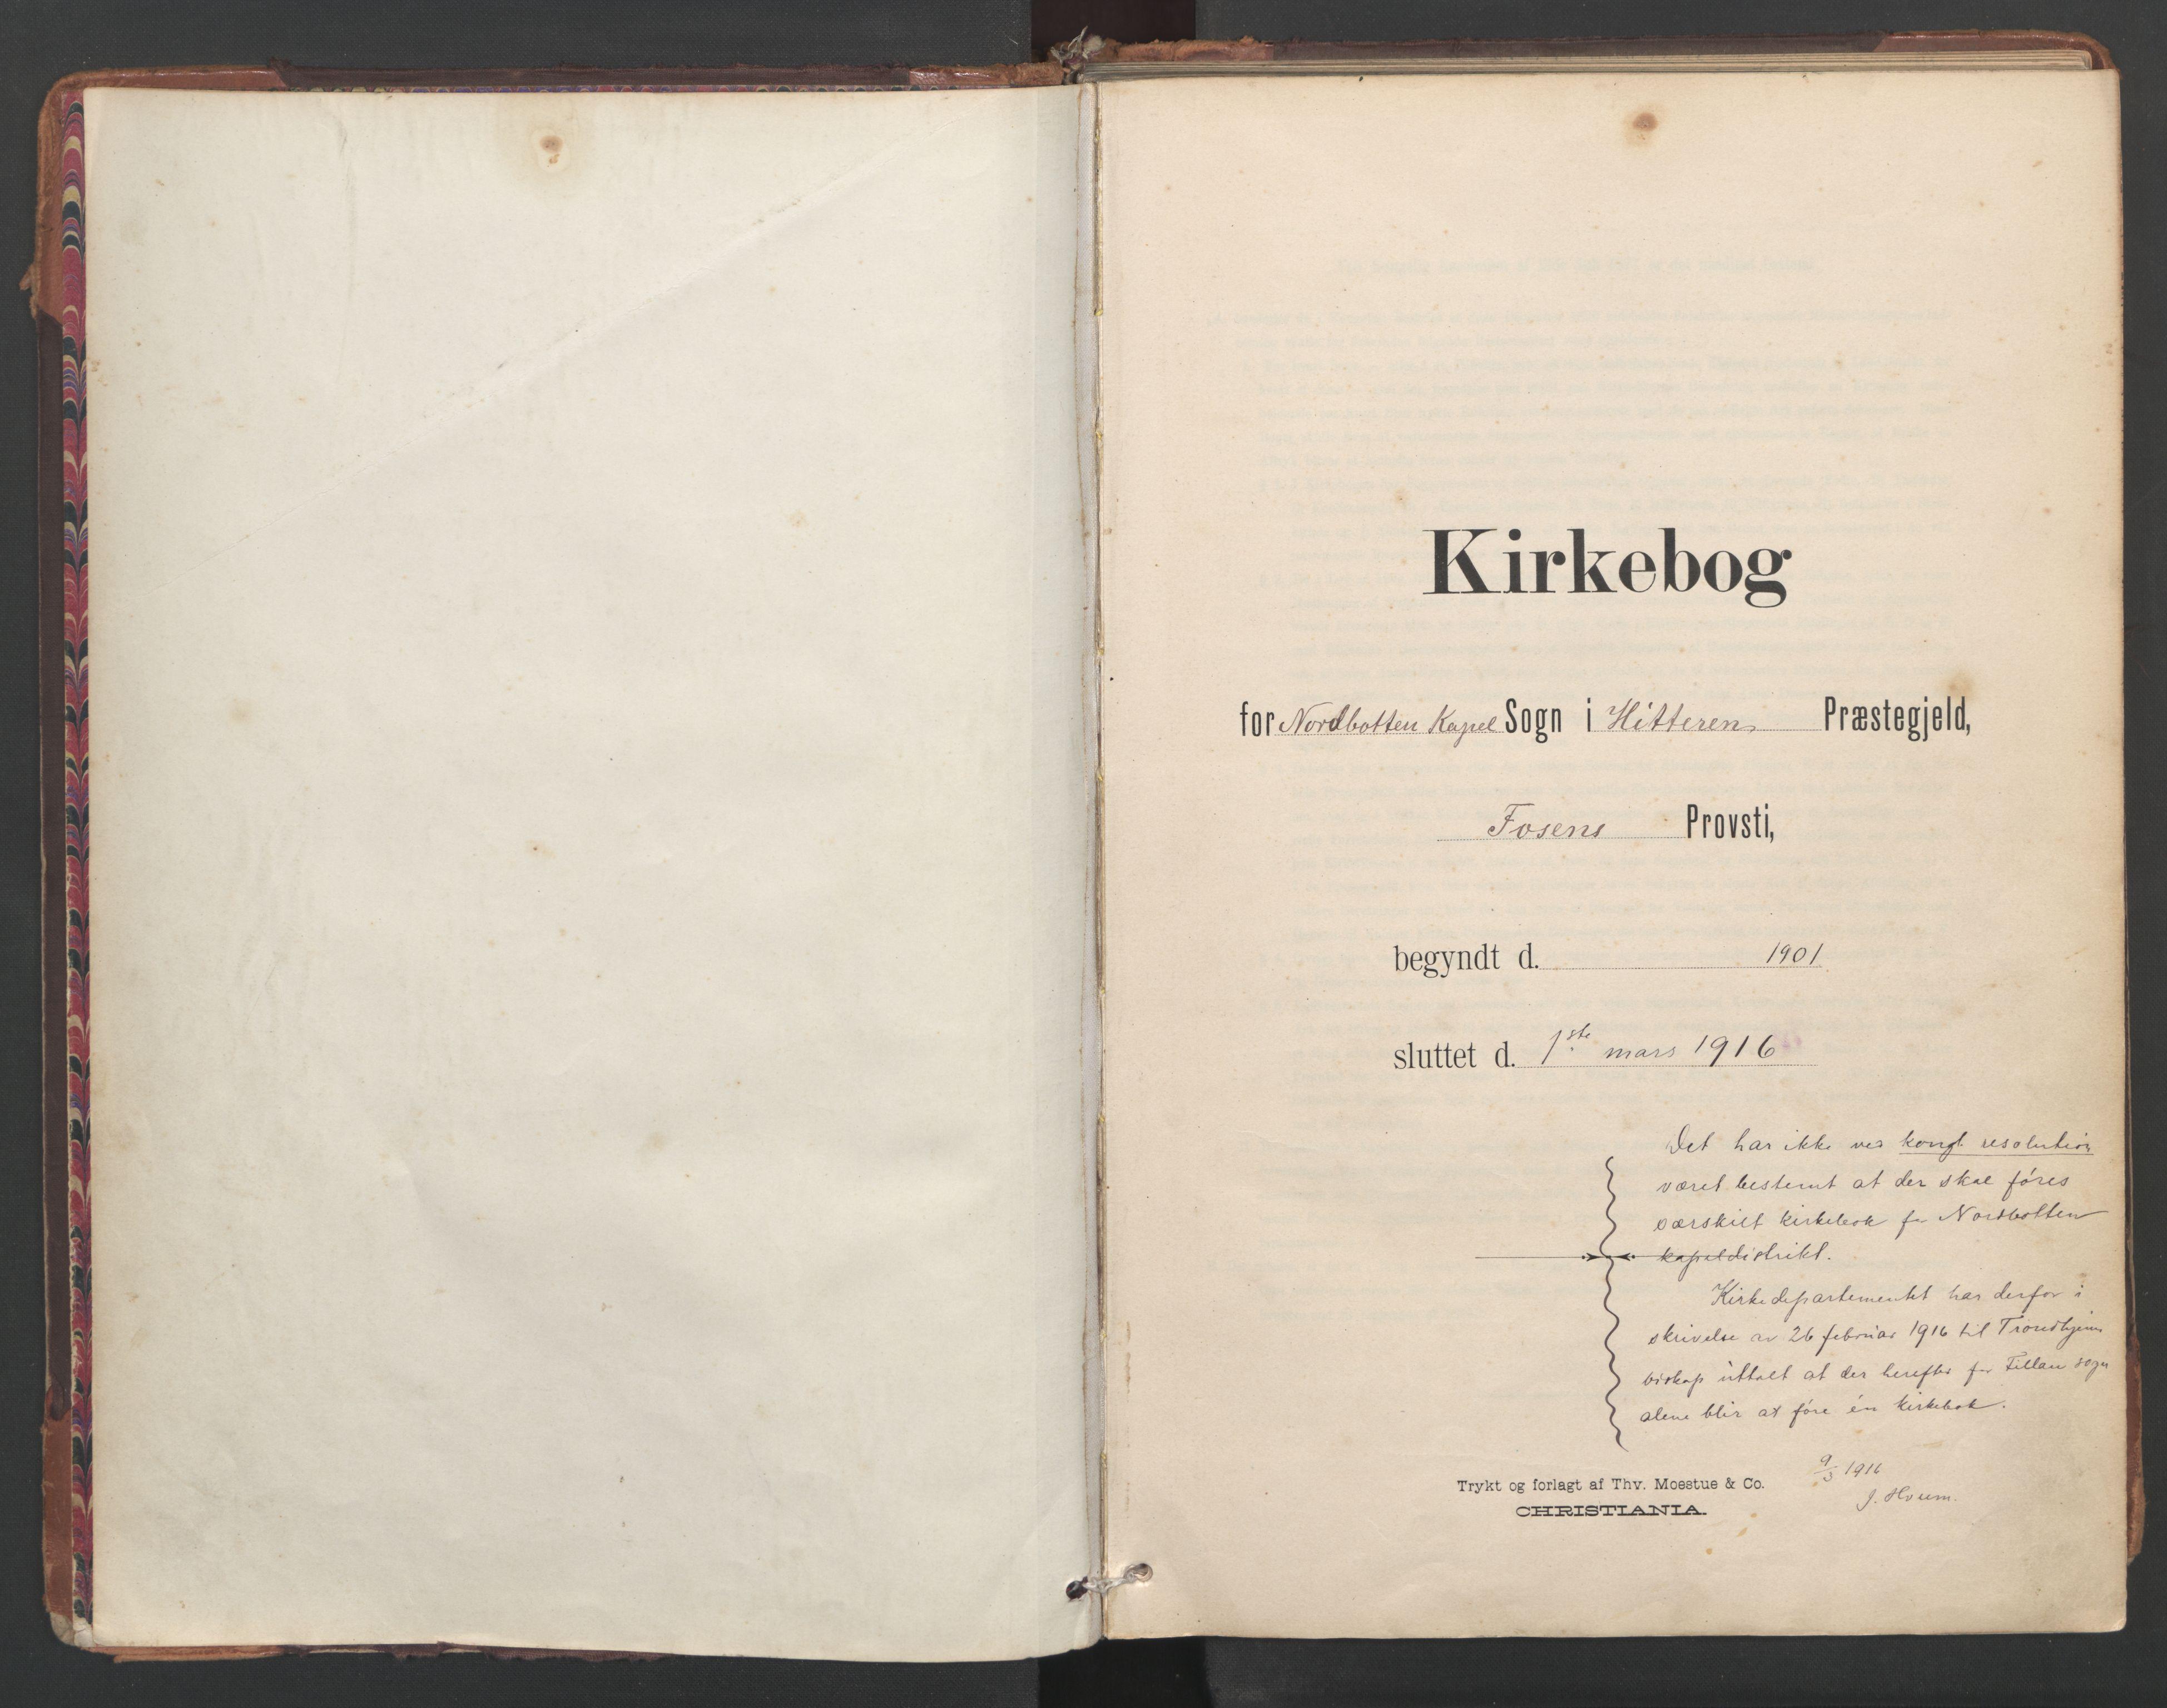 SAT, Ministerialprotokoller, klokkerbøker og fødselsregistre - Sør-Trøndelag, 638/L0568: Ministerialbok nr. 638A01, 1901-1916